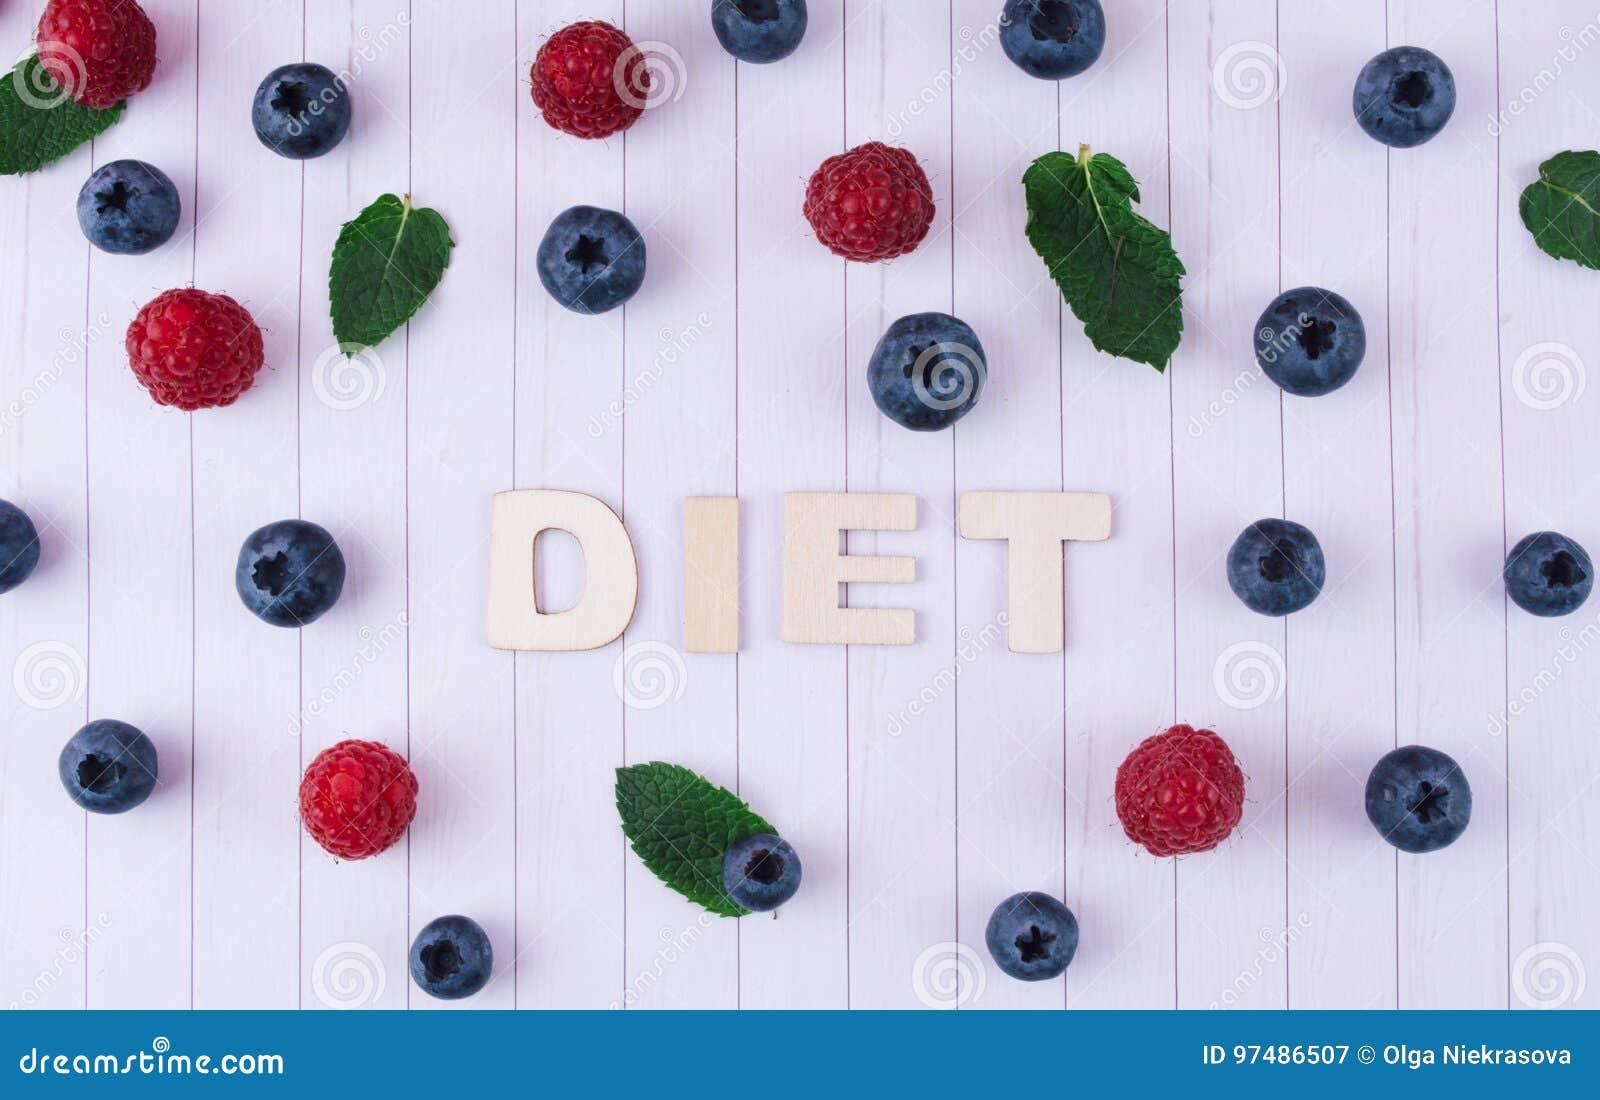 Frullato rosa con i frutti e le bacche